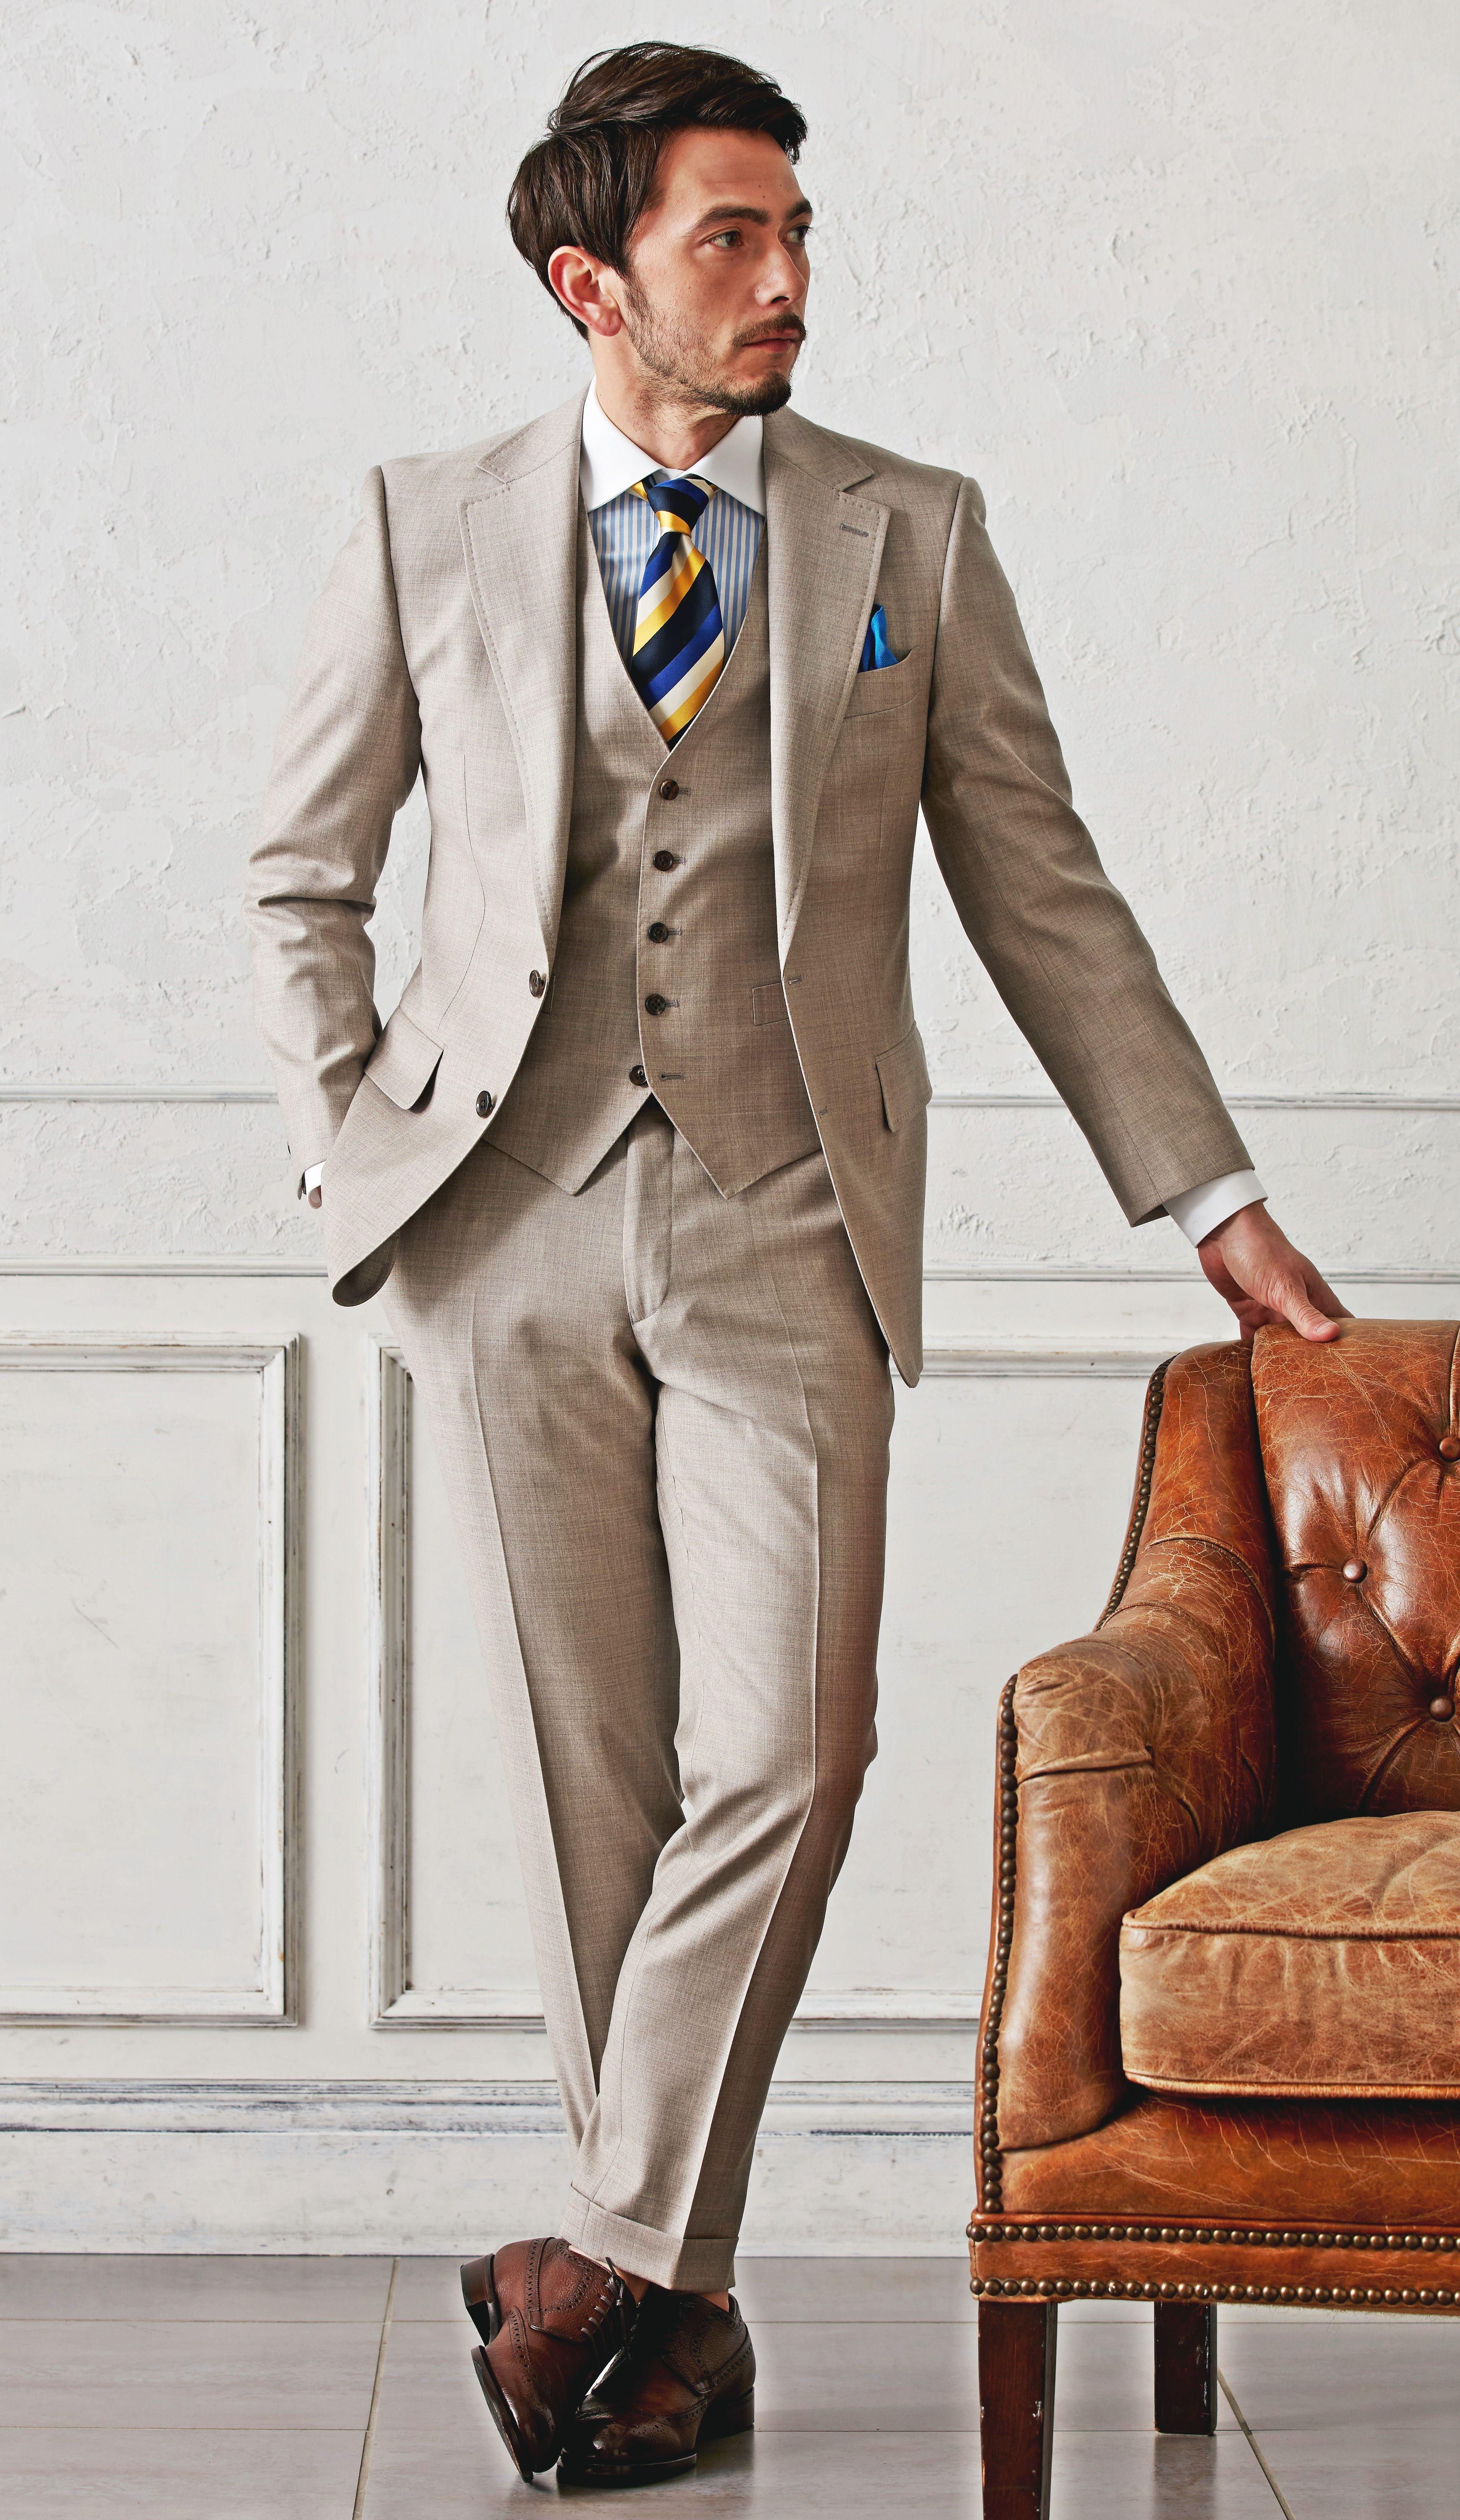 """カジュアルな""""ベージュ""""のスーツ。トレンド感のあるオシャレなスタイル。スーツ生地:ロロ・ピアーナ #fashion #ファッション #suit #スーツ #グローバルスタイル #globalstyle #オーダースーツ"""